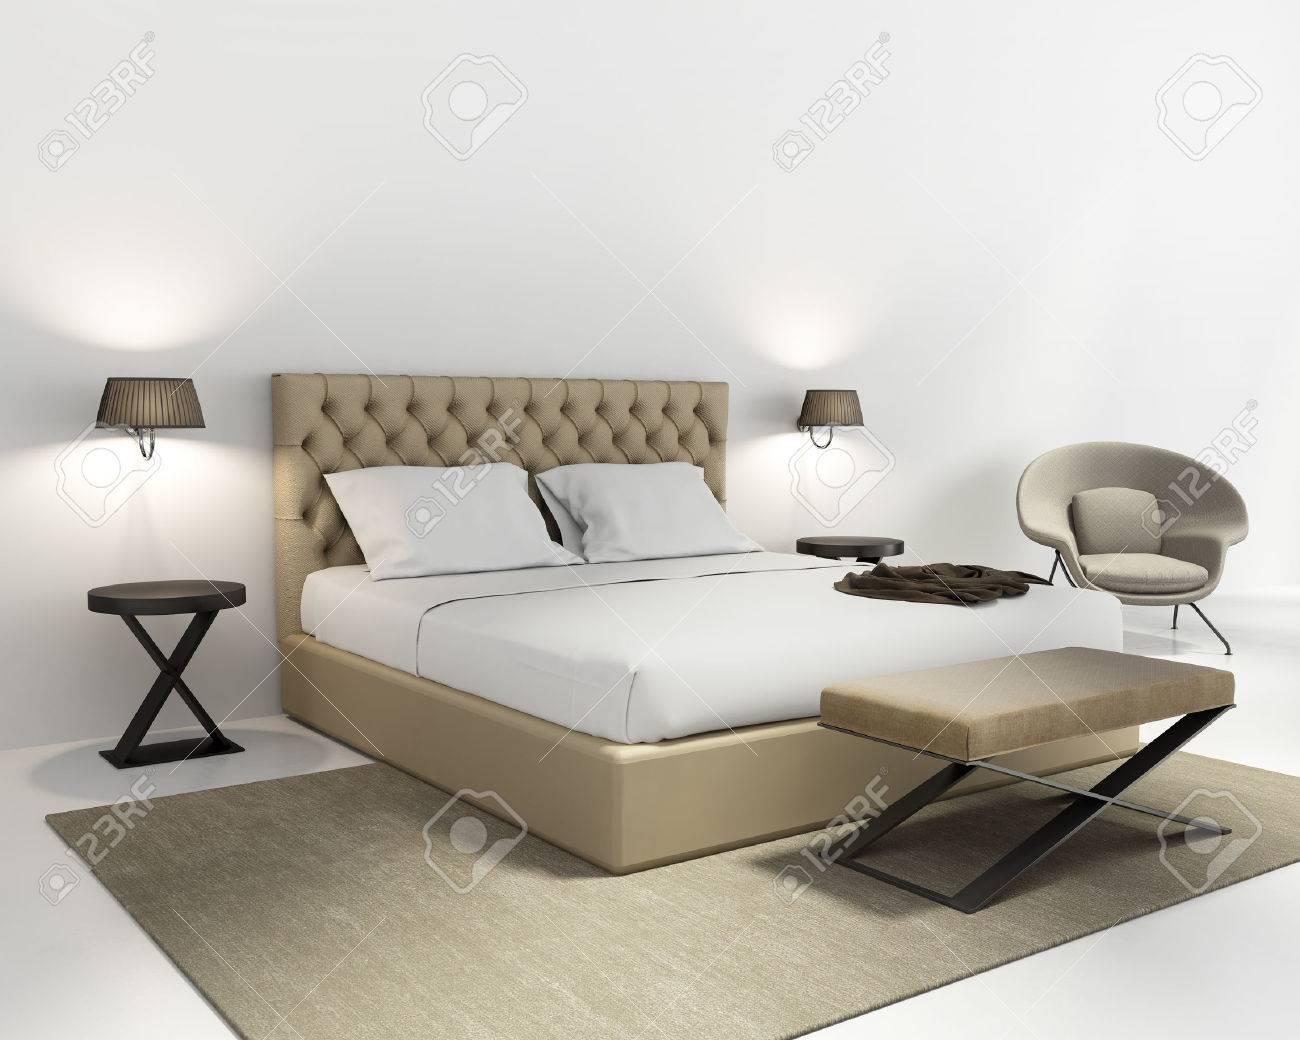 Full Size of Schlafzimmer Teppich Beige Luxus Mit Zeitgenssischen Lizenzfreie Esstisch Komplett Poco Schrank Lattenrost Und Matratze Led Vorhänge Wandlampe Wandtattoos Set Schlafzimmer Schlafzimmer Teppich